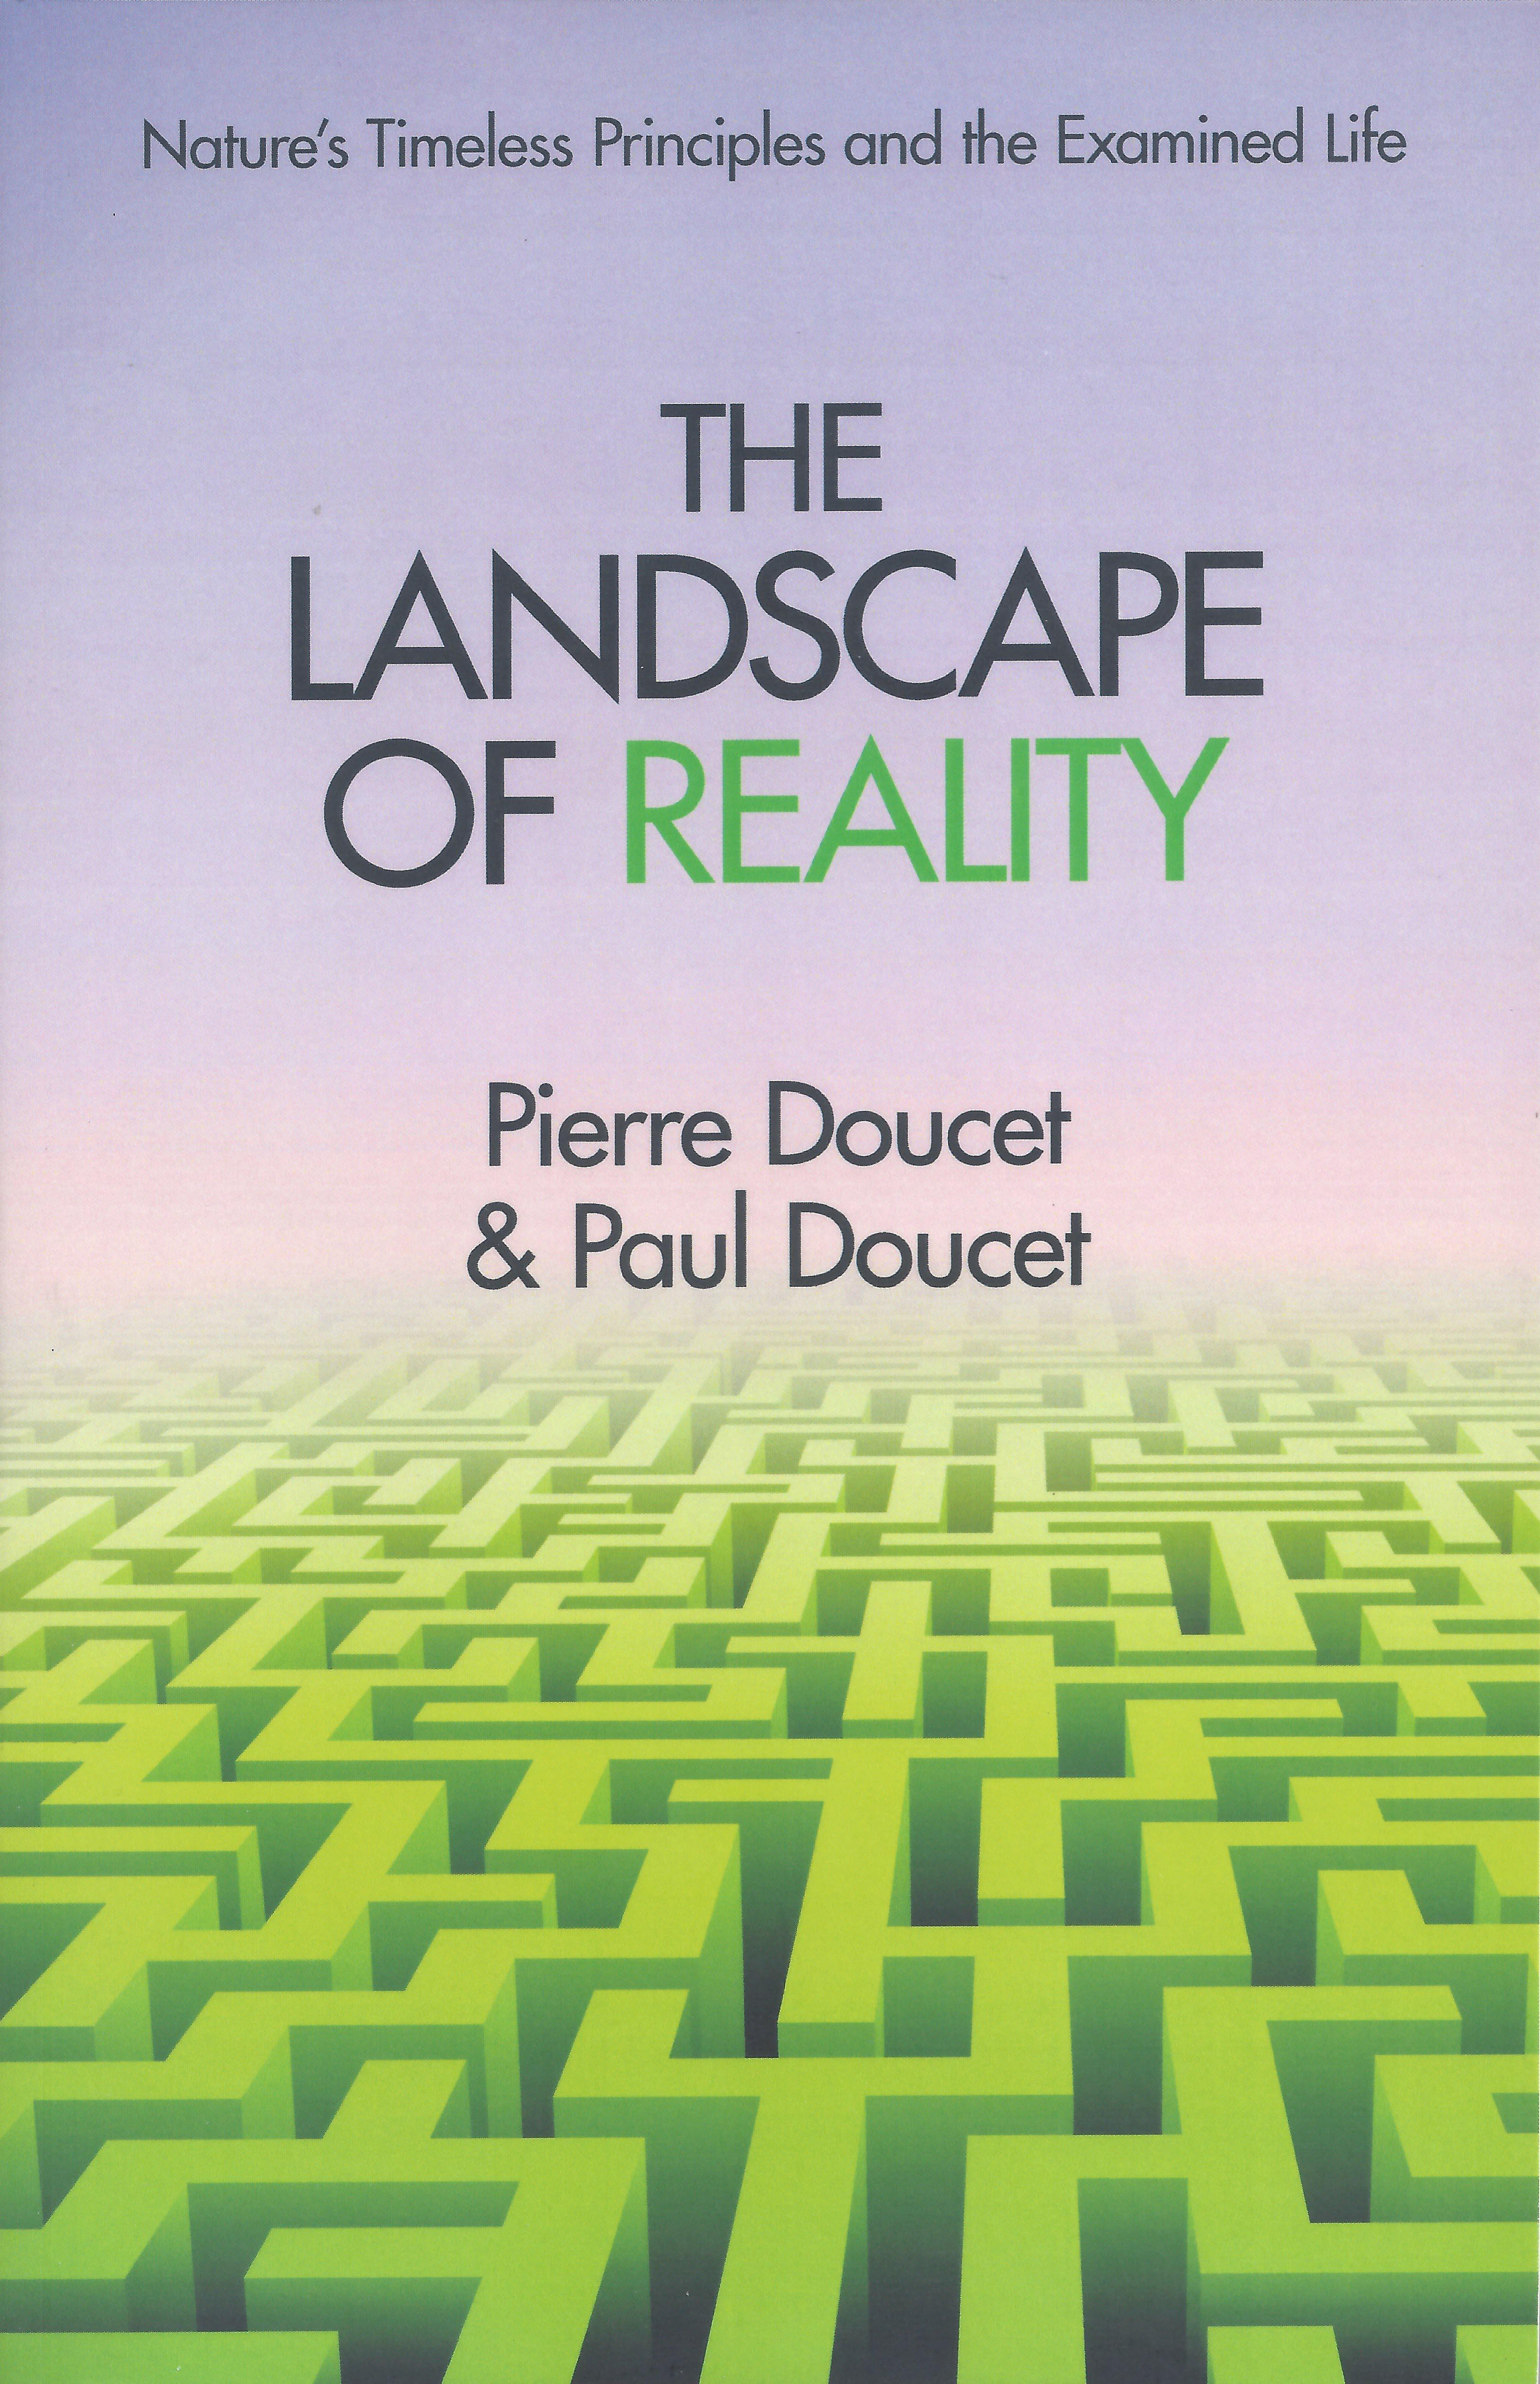 Landscape of Reality